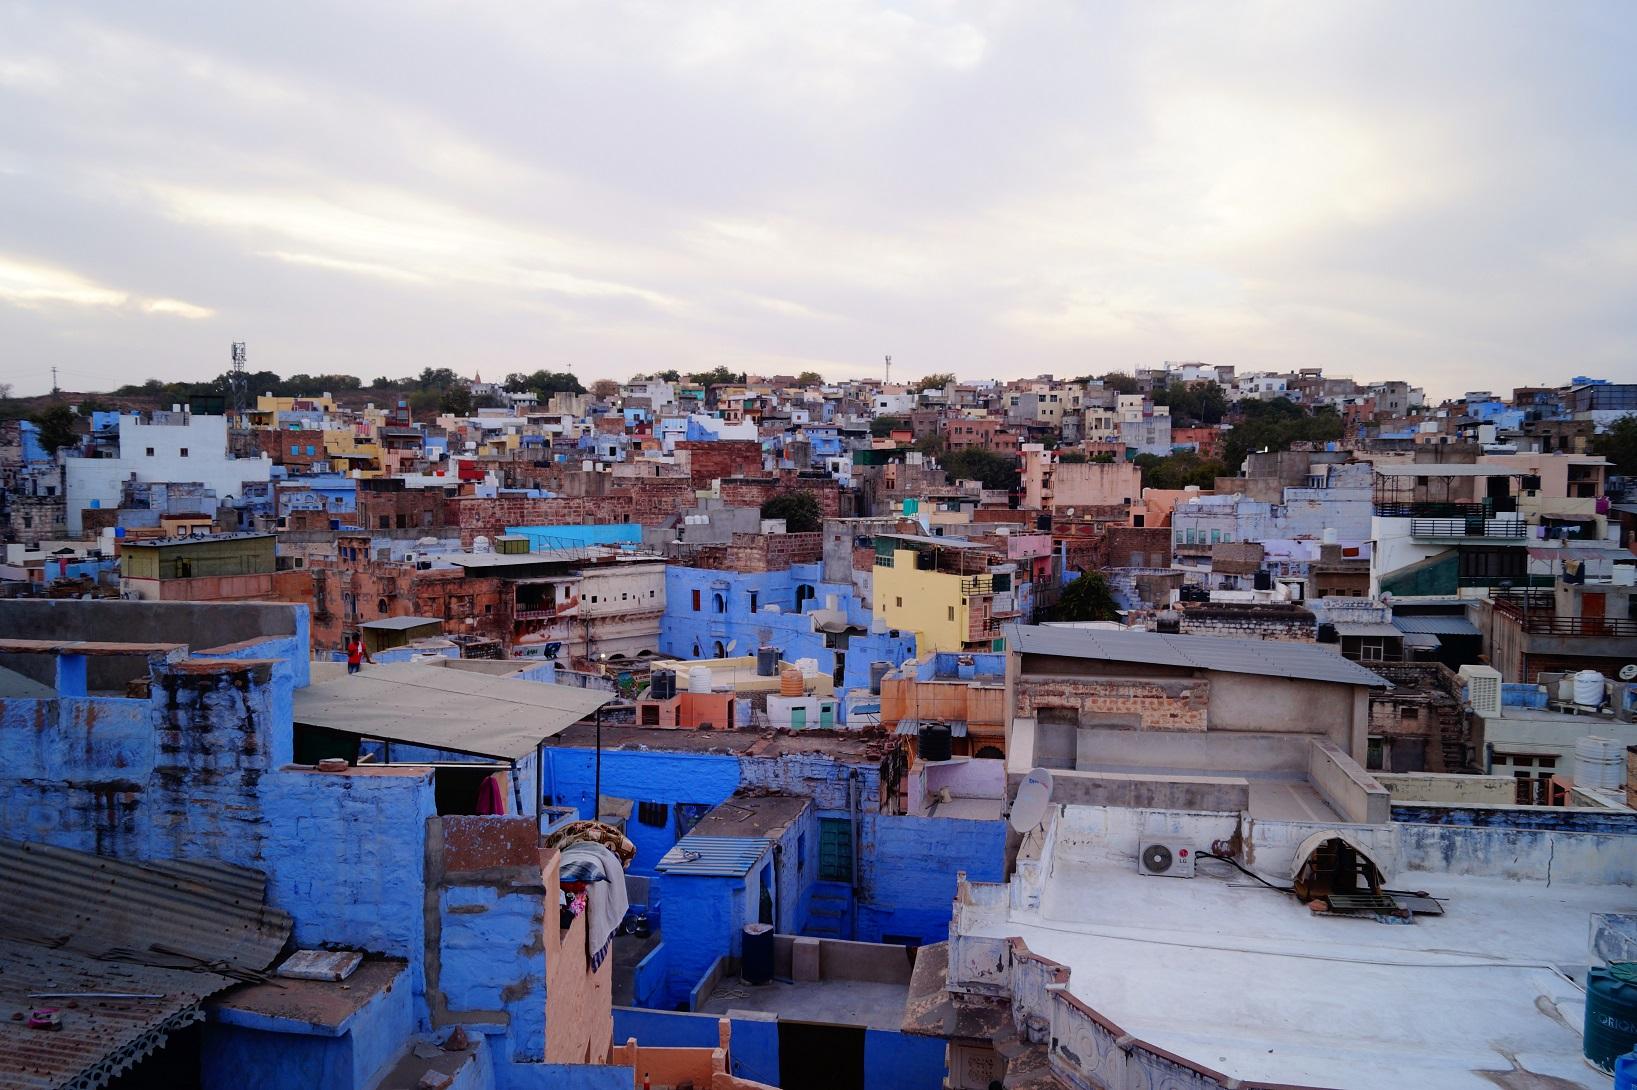 Jodhpur Ciudad Azul 04 - Mejores 4 lugares que ver en Jodhpur; la Ciudad Azul